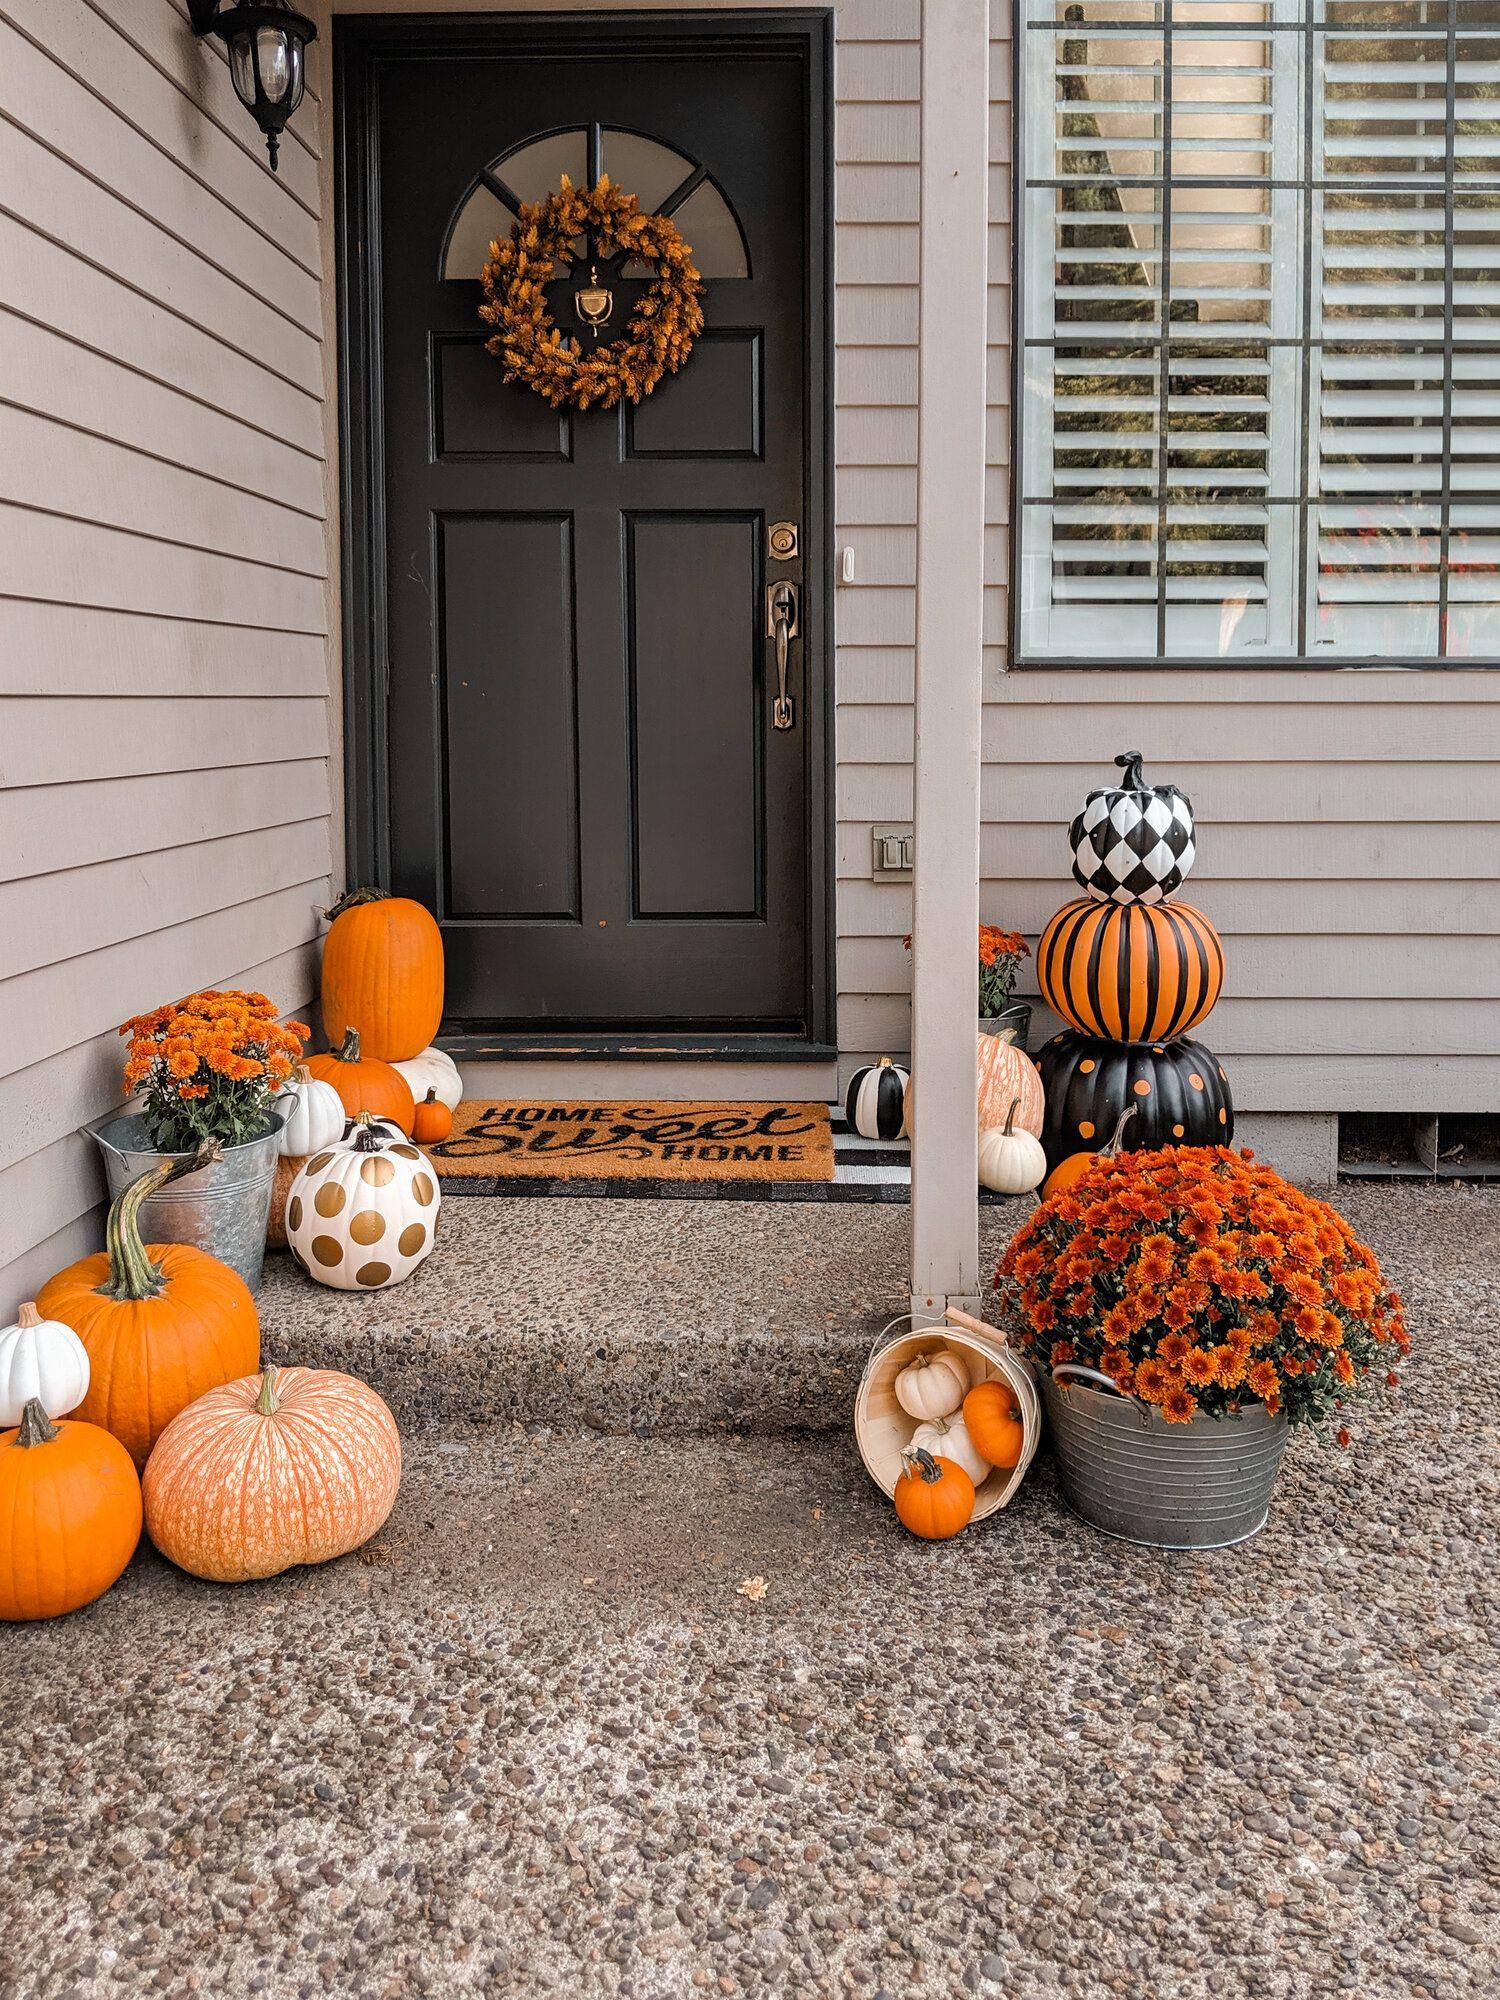 Fall Front Door Wreath Diy Designer Looking Pumpkins Easy Fall Diy Outdoor Halloween De Front Door Fall Decor Fall Front Porch Decor Front Porch Decorating